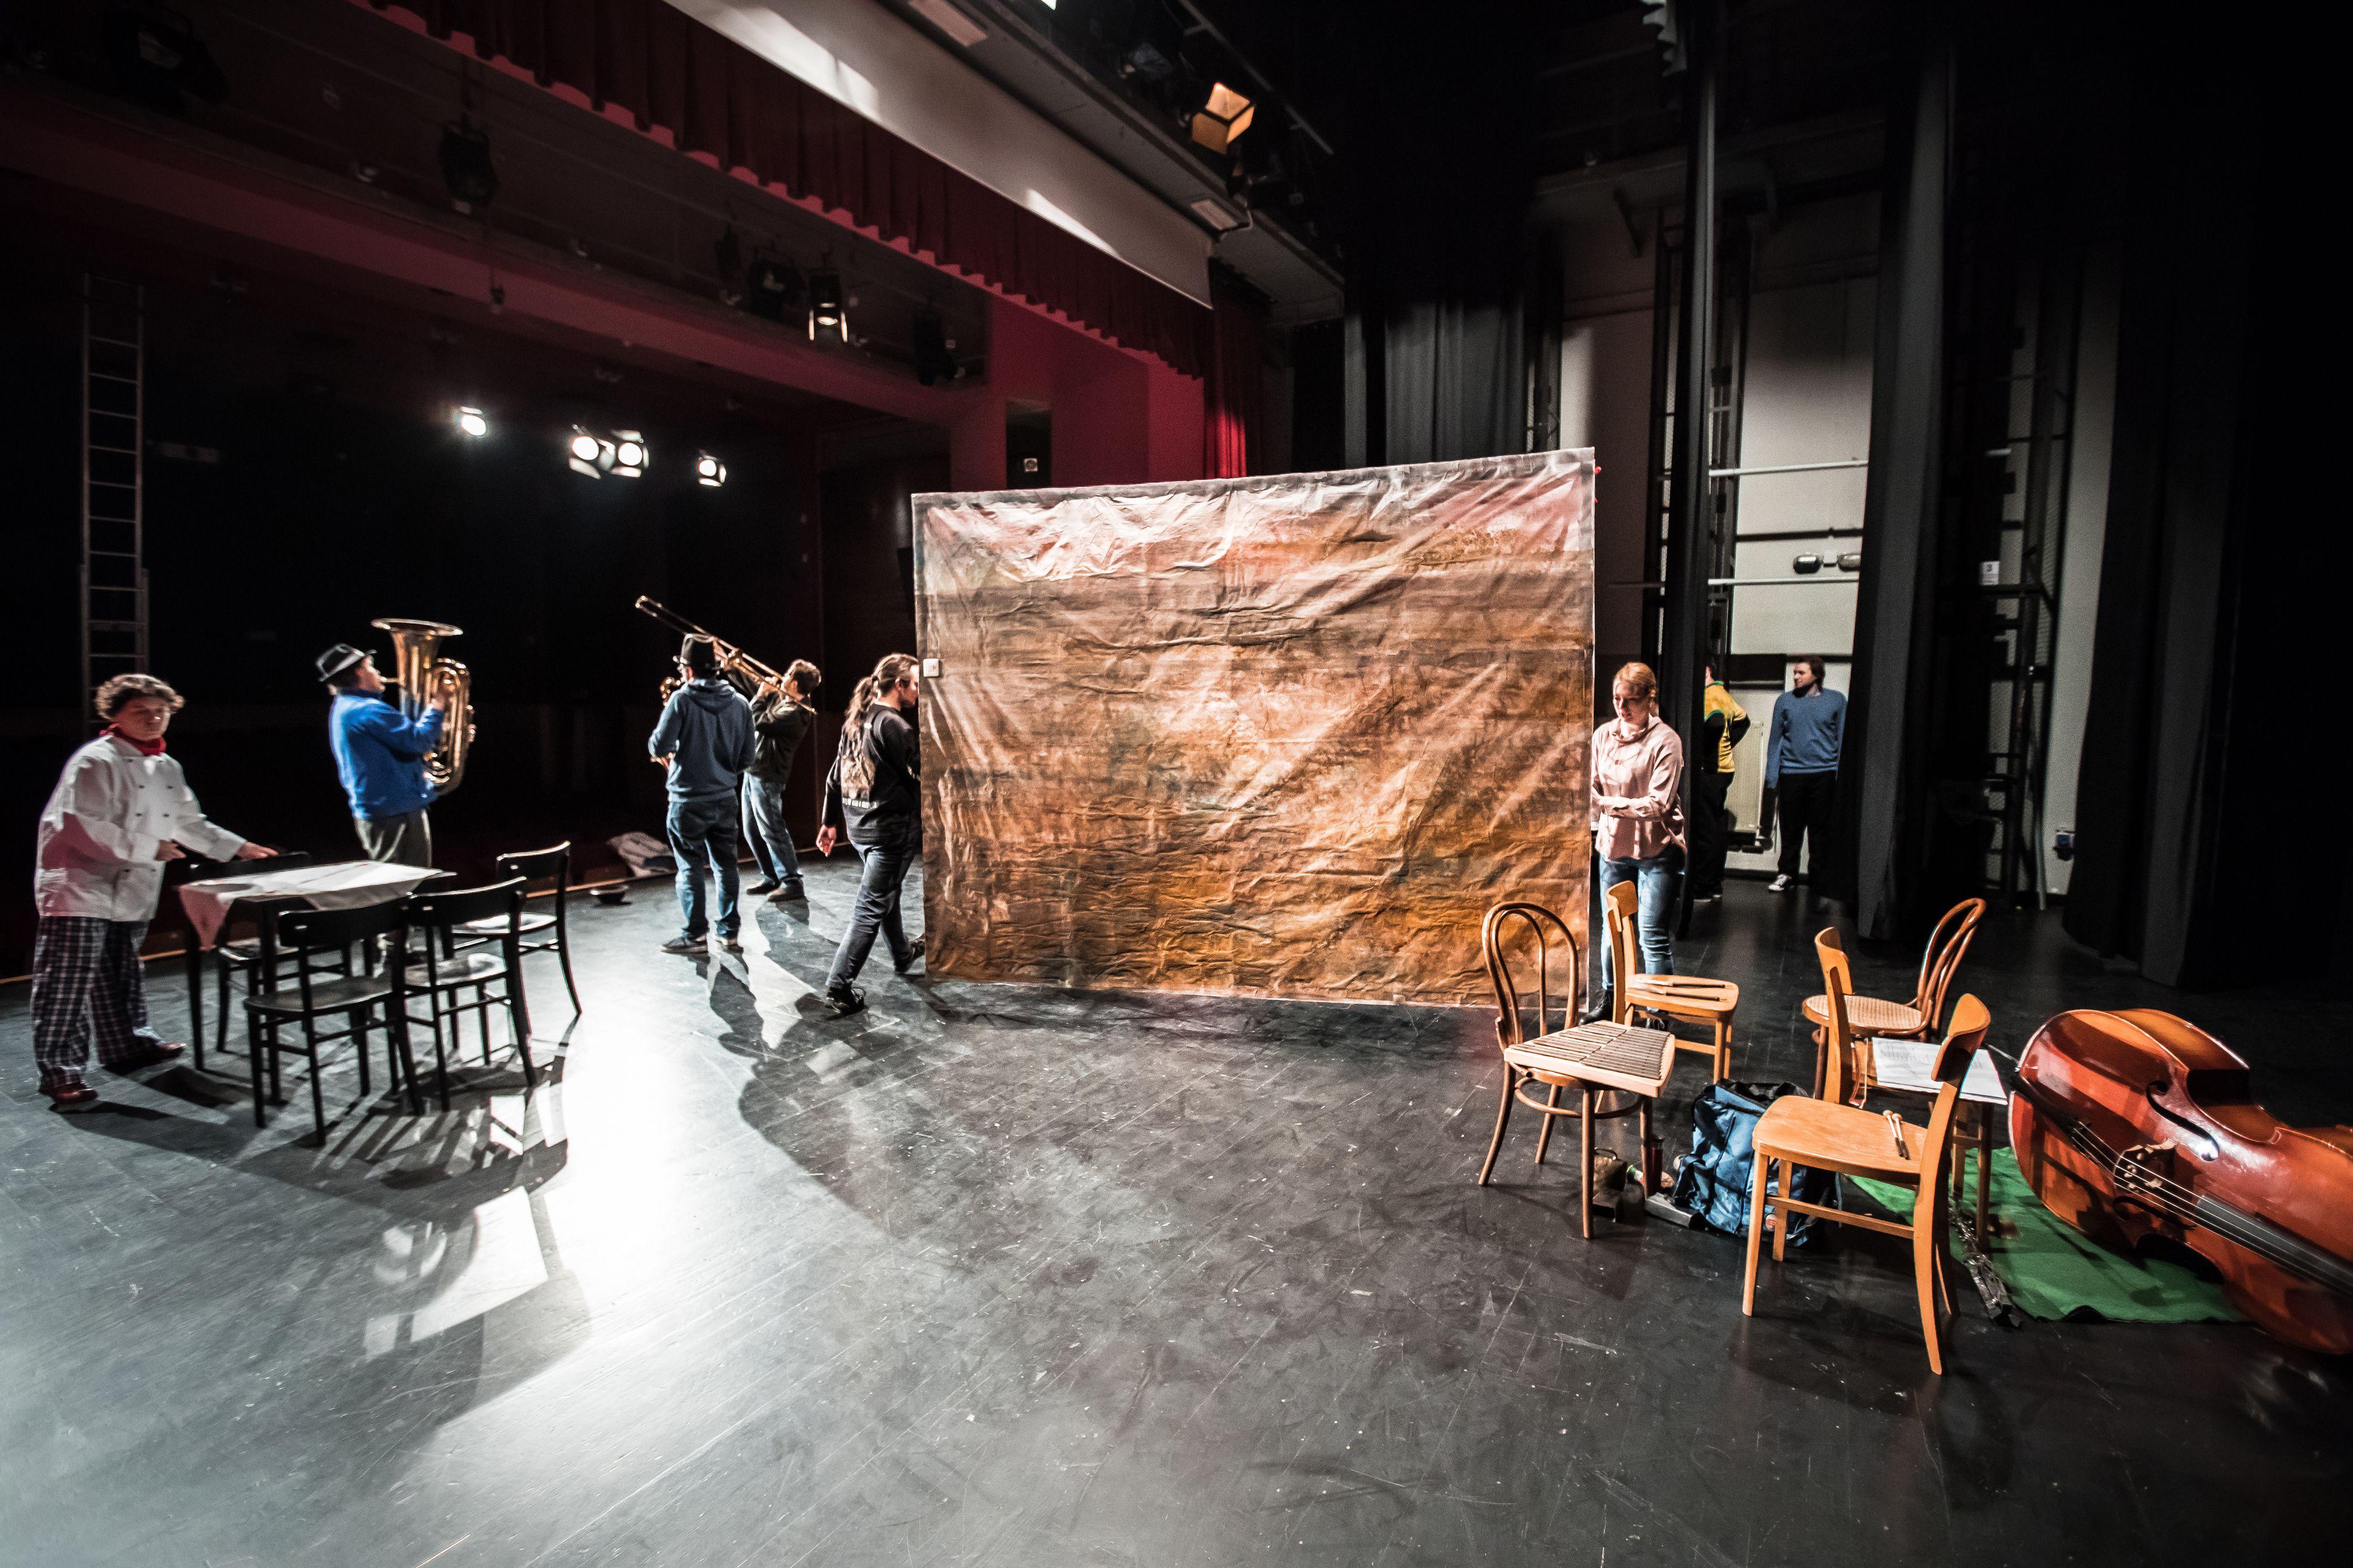 preparing scenography on theater stage 5b08e3408e1b6e003ed7b1f9